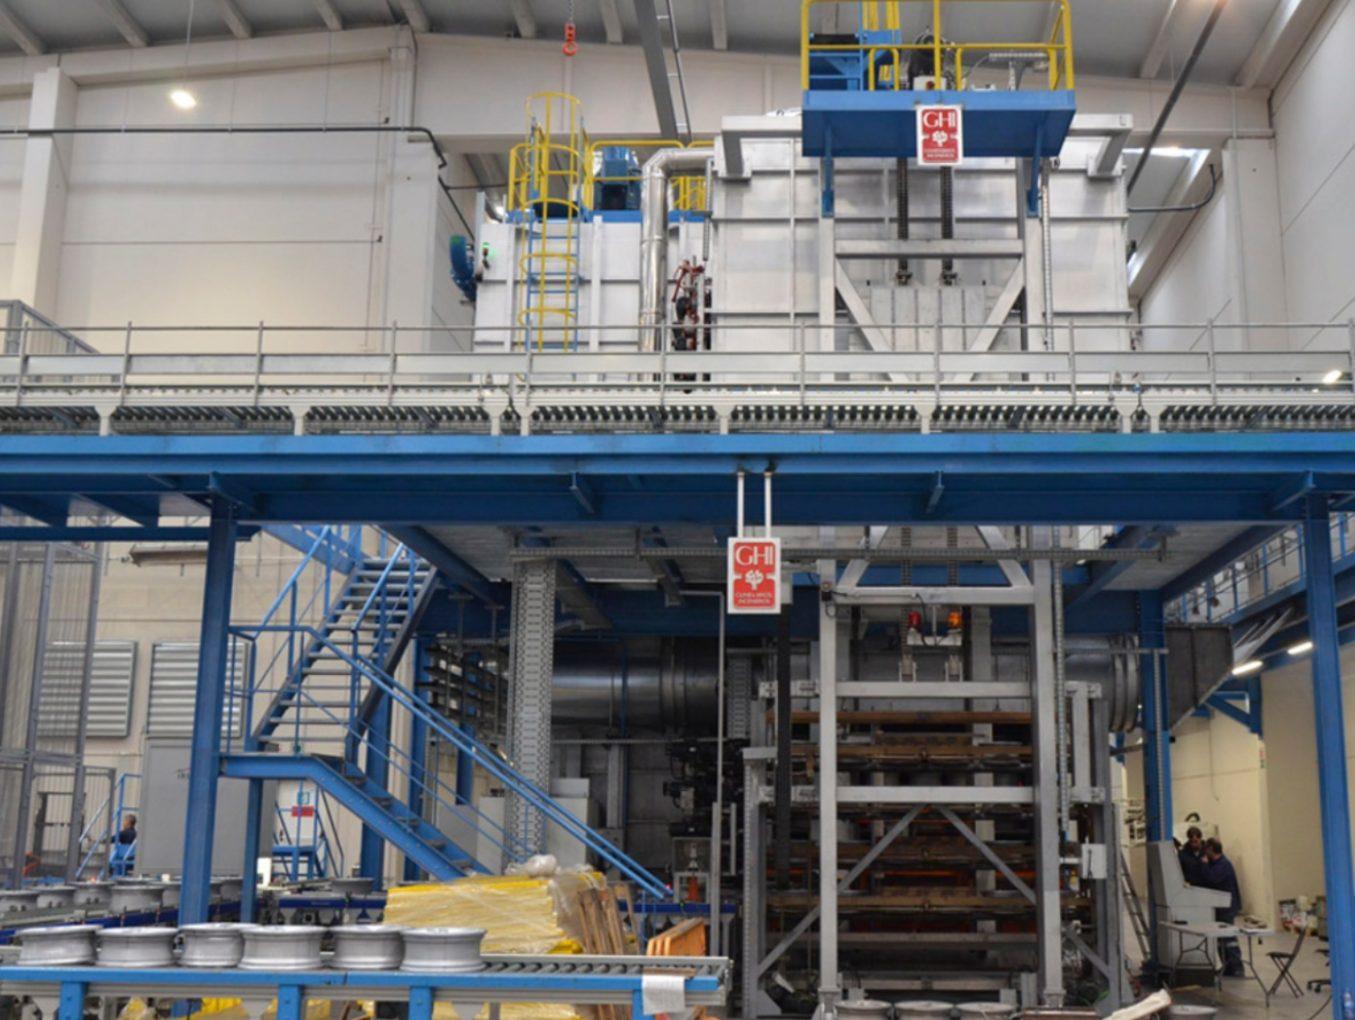 SIMOLLA: Sistema inteligente de control y monitorización avanzada en los hornos para la fabricación de llantas